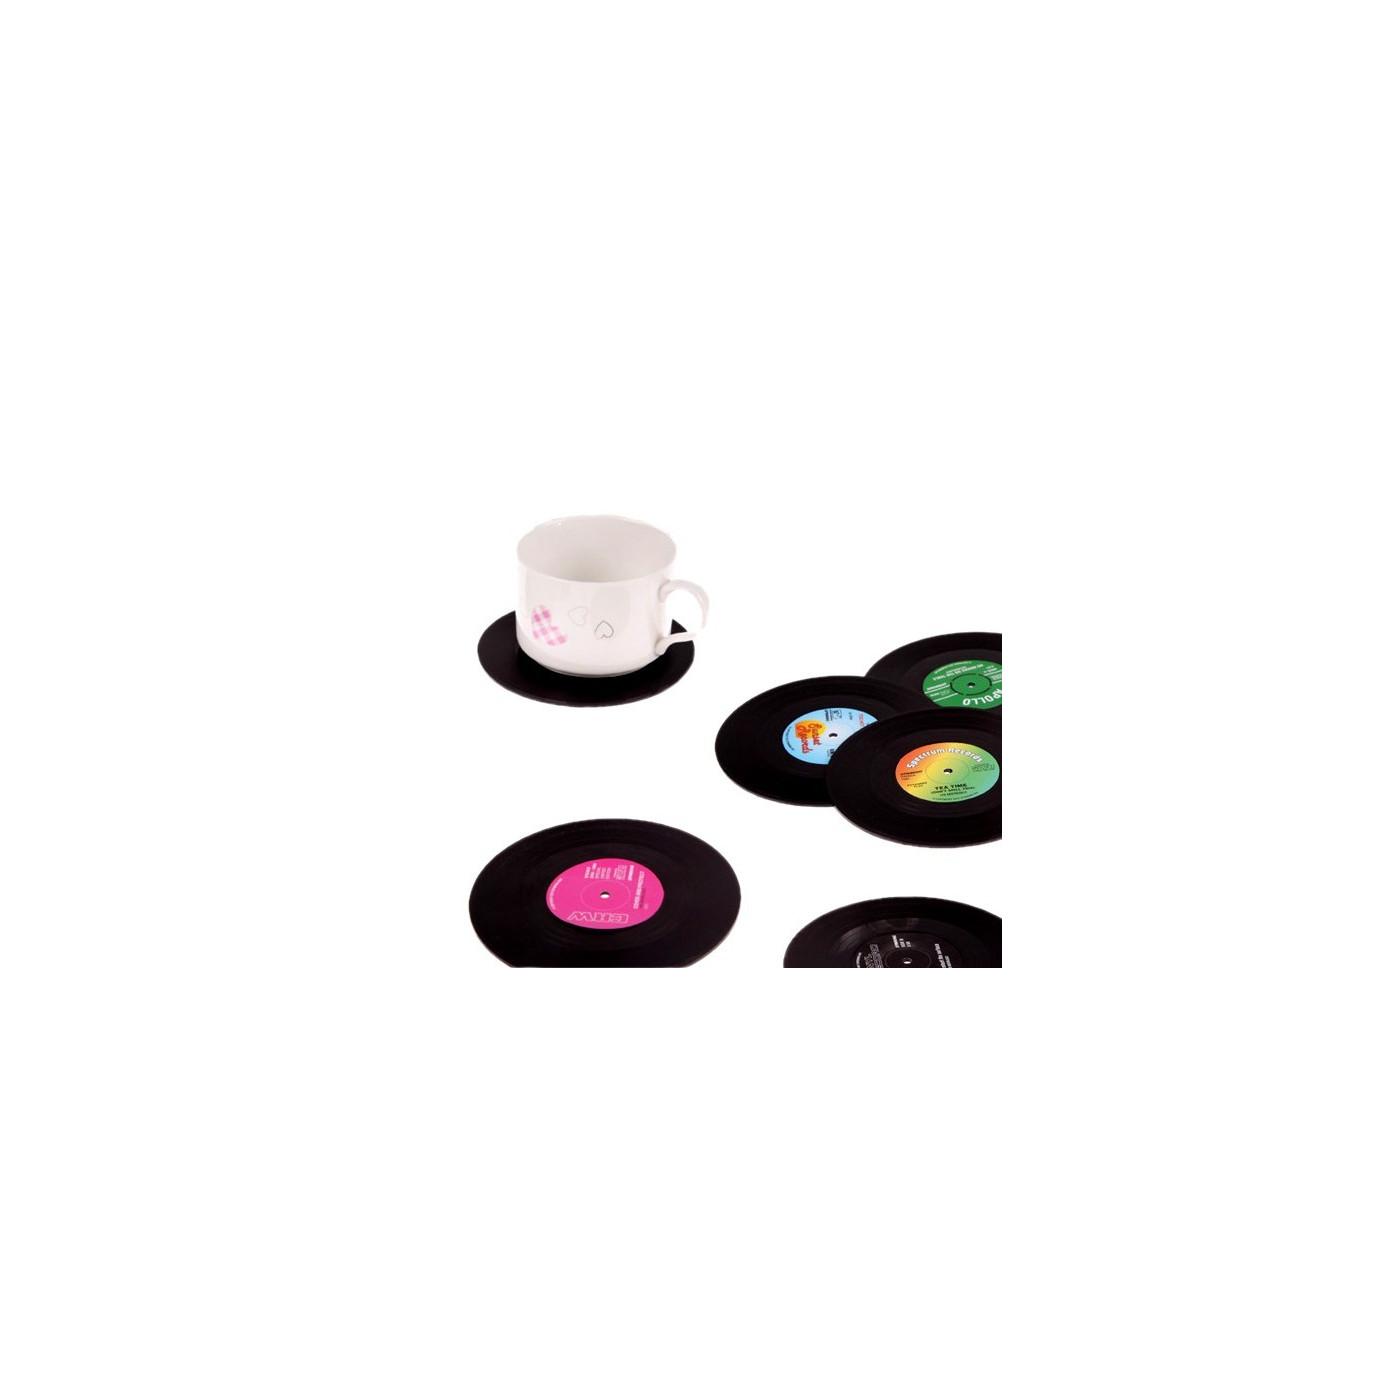 Conjunto de 18 posavasos retro (discos de música)  - 1